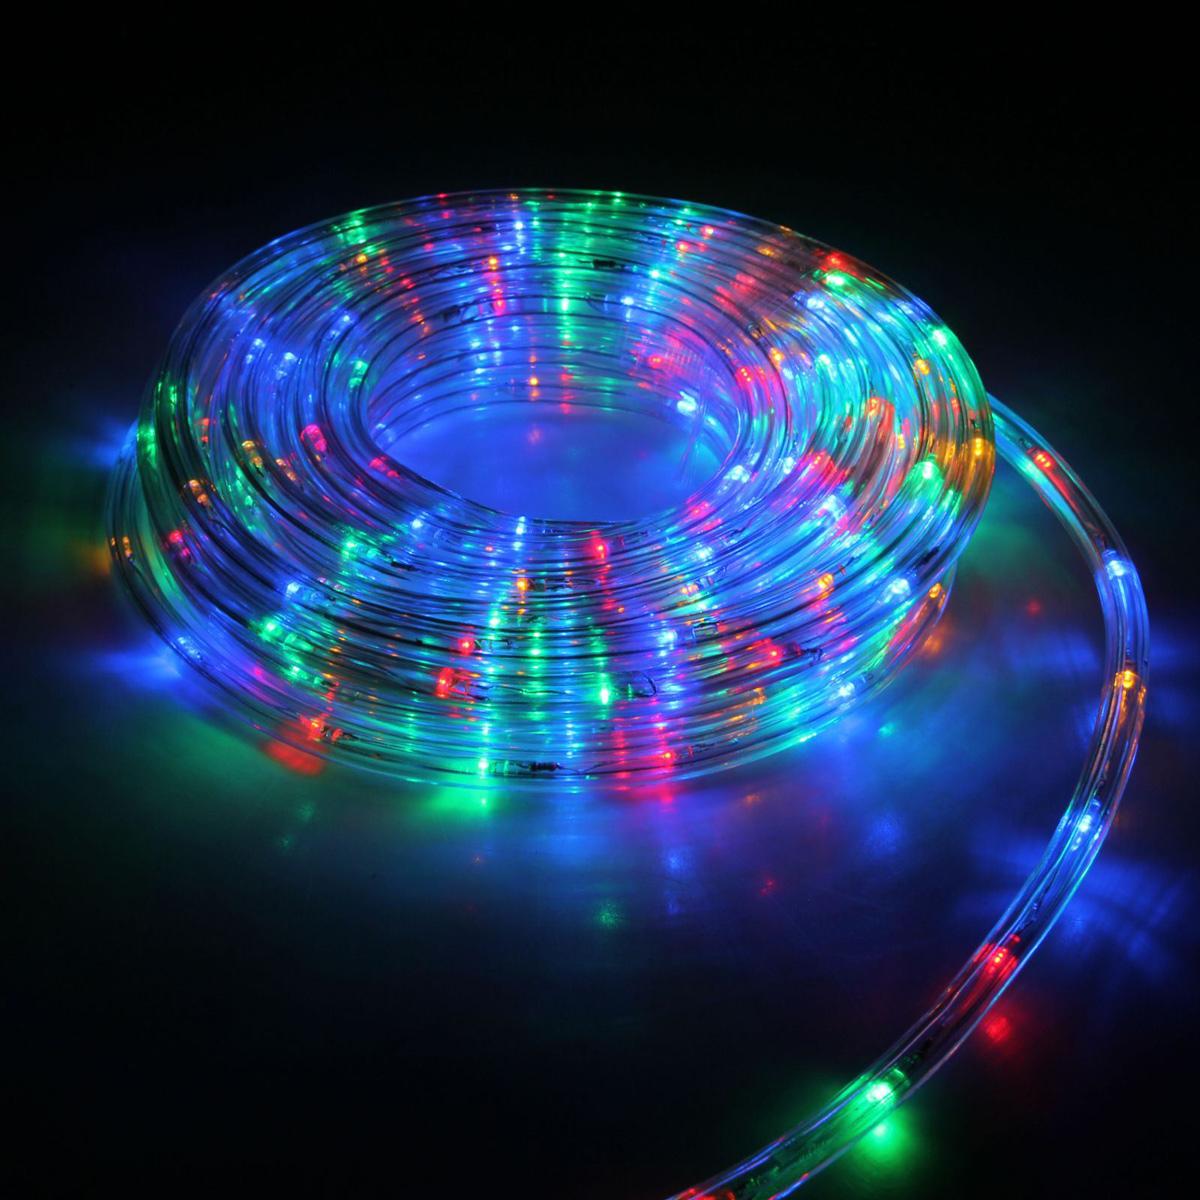 Гирлянда светодиодная Luazon, 240 ламп, 8 режимов, 220 V, цвет: мультиколор, 1 см х 10 м. 15898241589824Светодиодные гирлянды, ленты и т.д — это отличный вариант для новогоднего оформления интерьера или фасада. С их помощью помещение любого размера можно превратить в праздничный зал, а внешние элементы зданий, украшенные ими, мгновенно станут напоминать очертания сказочного дворца. Такие украшения создают ауру предвкушения чуда. Деревья, фасады, витрины, окна и арки будто специально созданы, чтобы вы украсили их светящимися нитями.